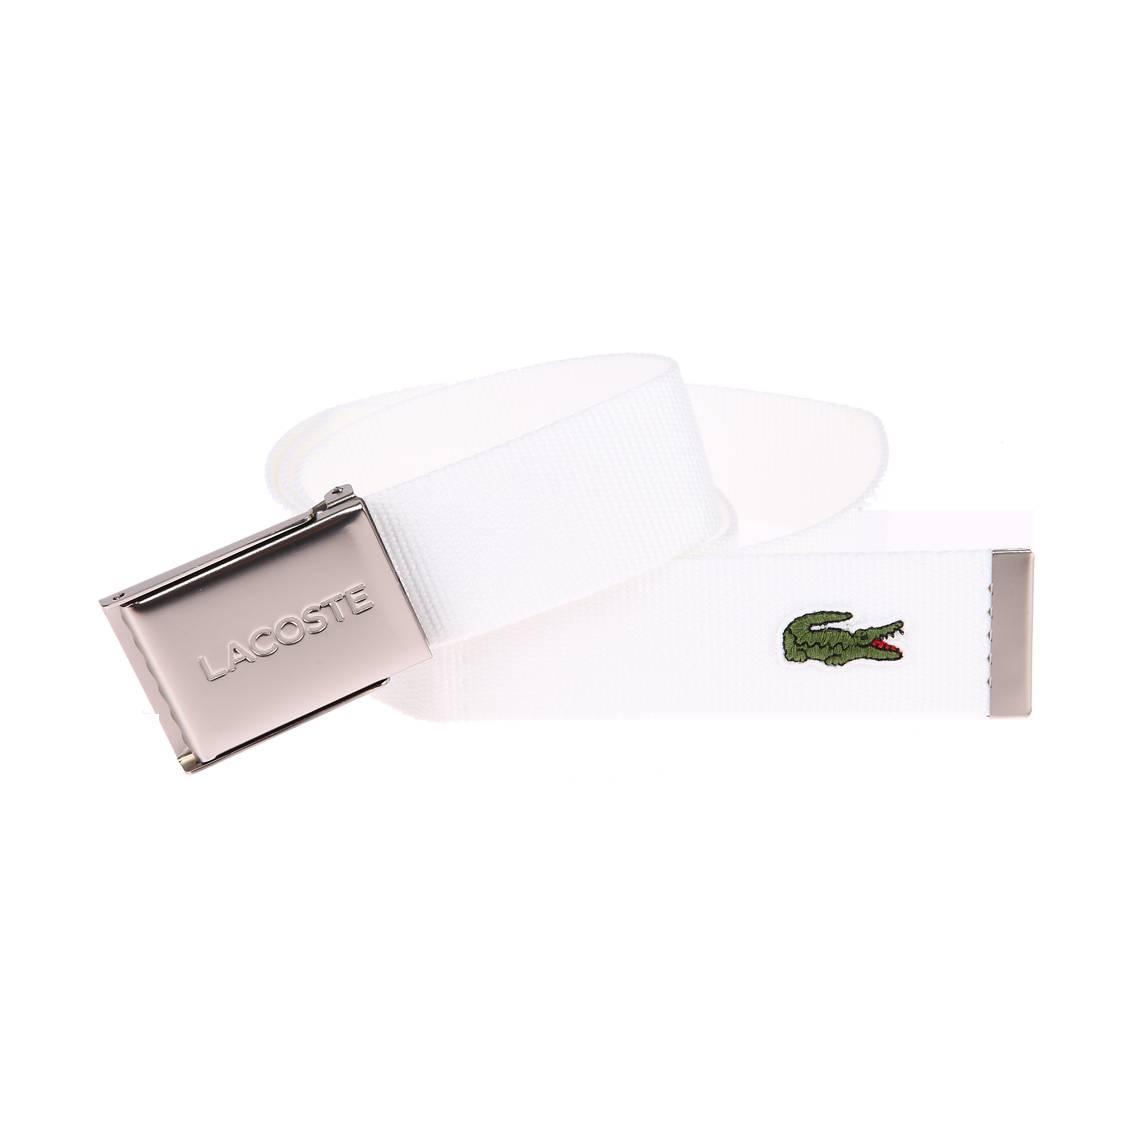 Ceinture ajustable  en tissu blanc à boucle pleine gravée